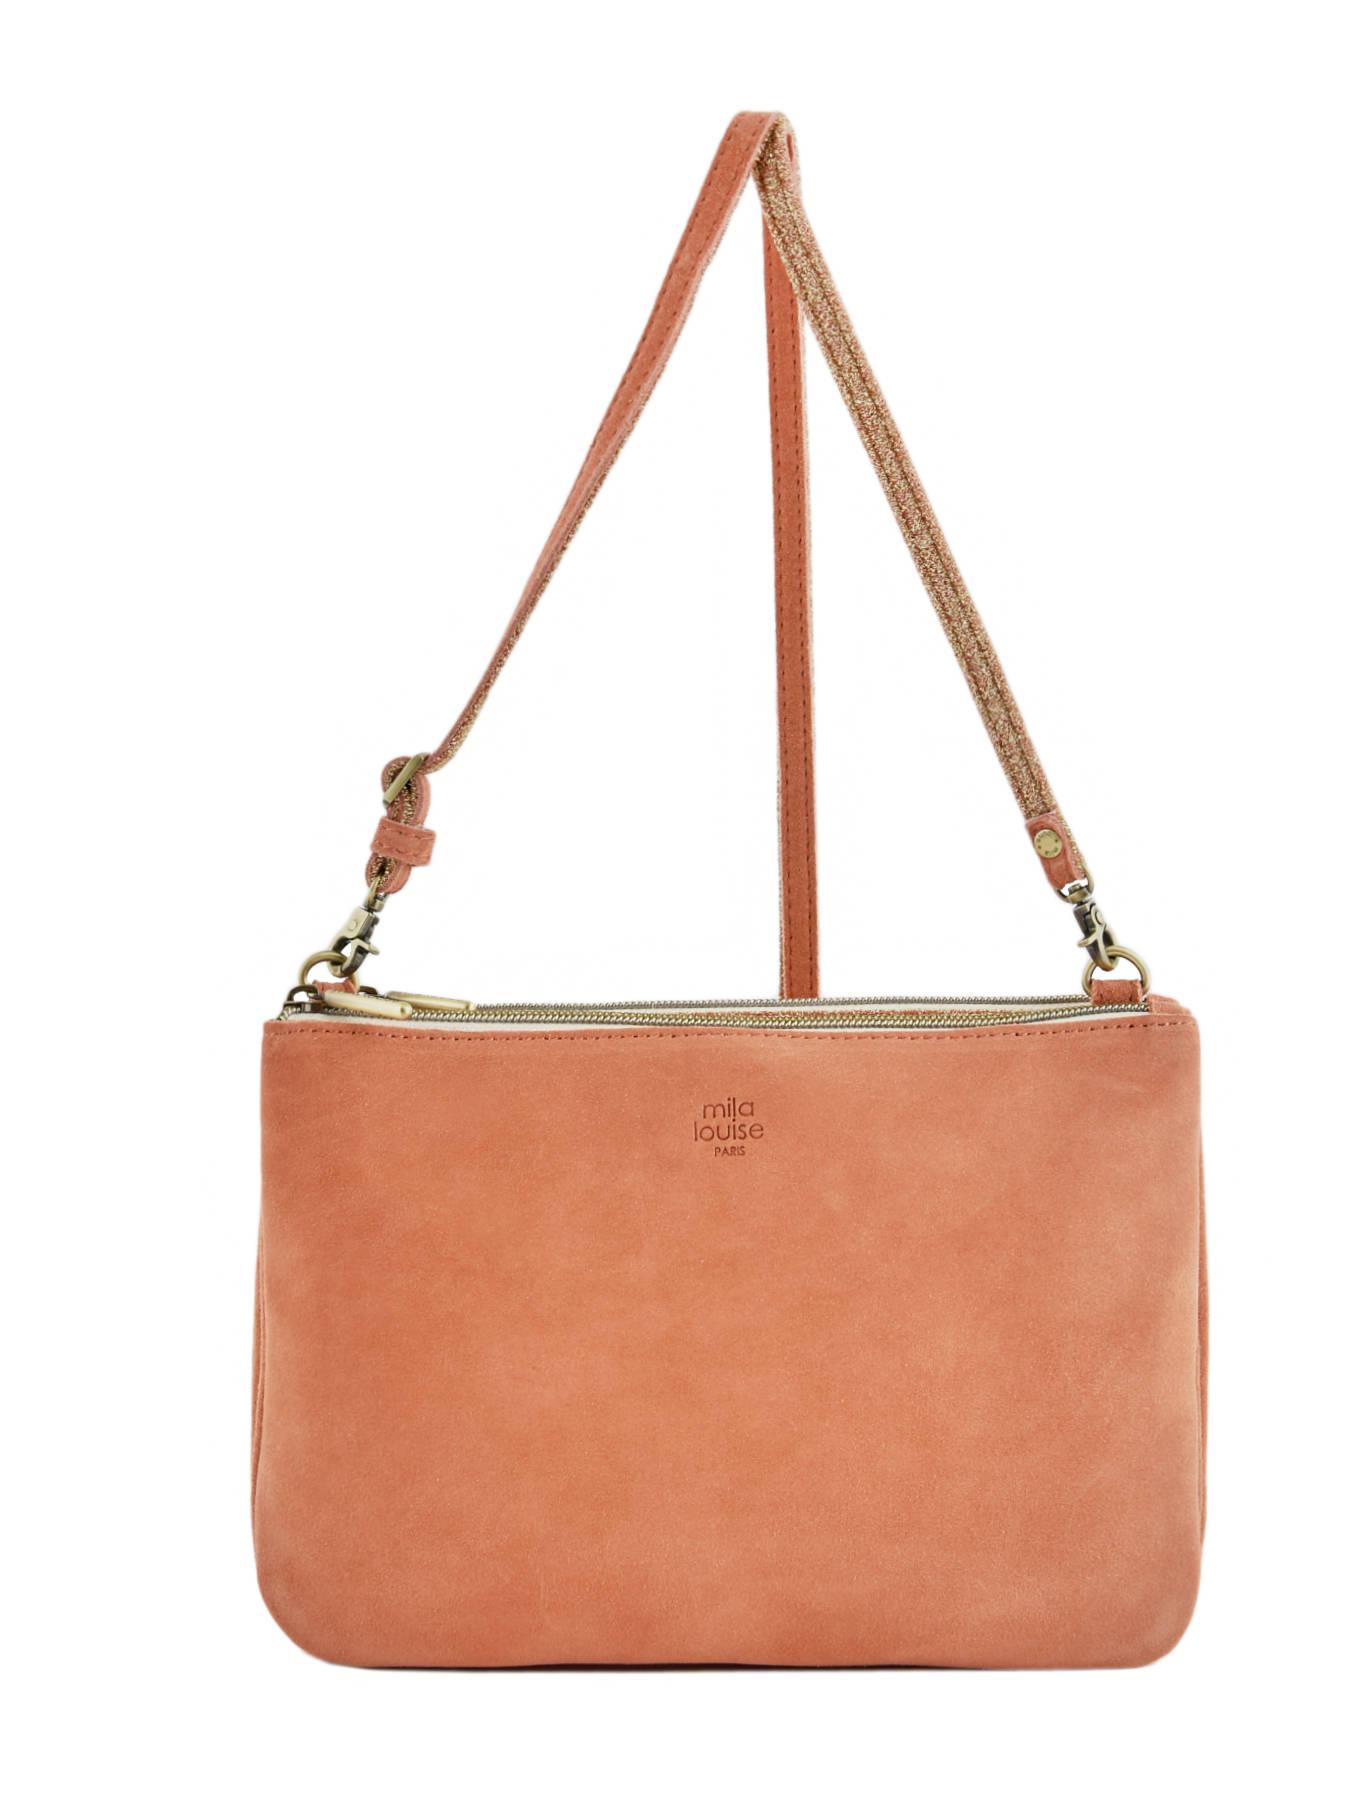 7cc67163d3b Cross body tas Mila Louise Vintage NATASHA.CROUTE te koop aan de ...